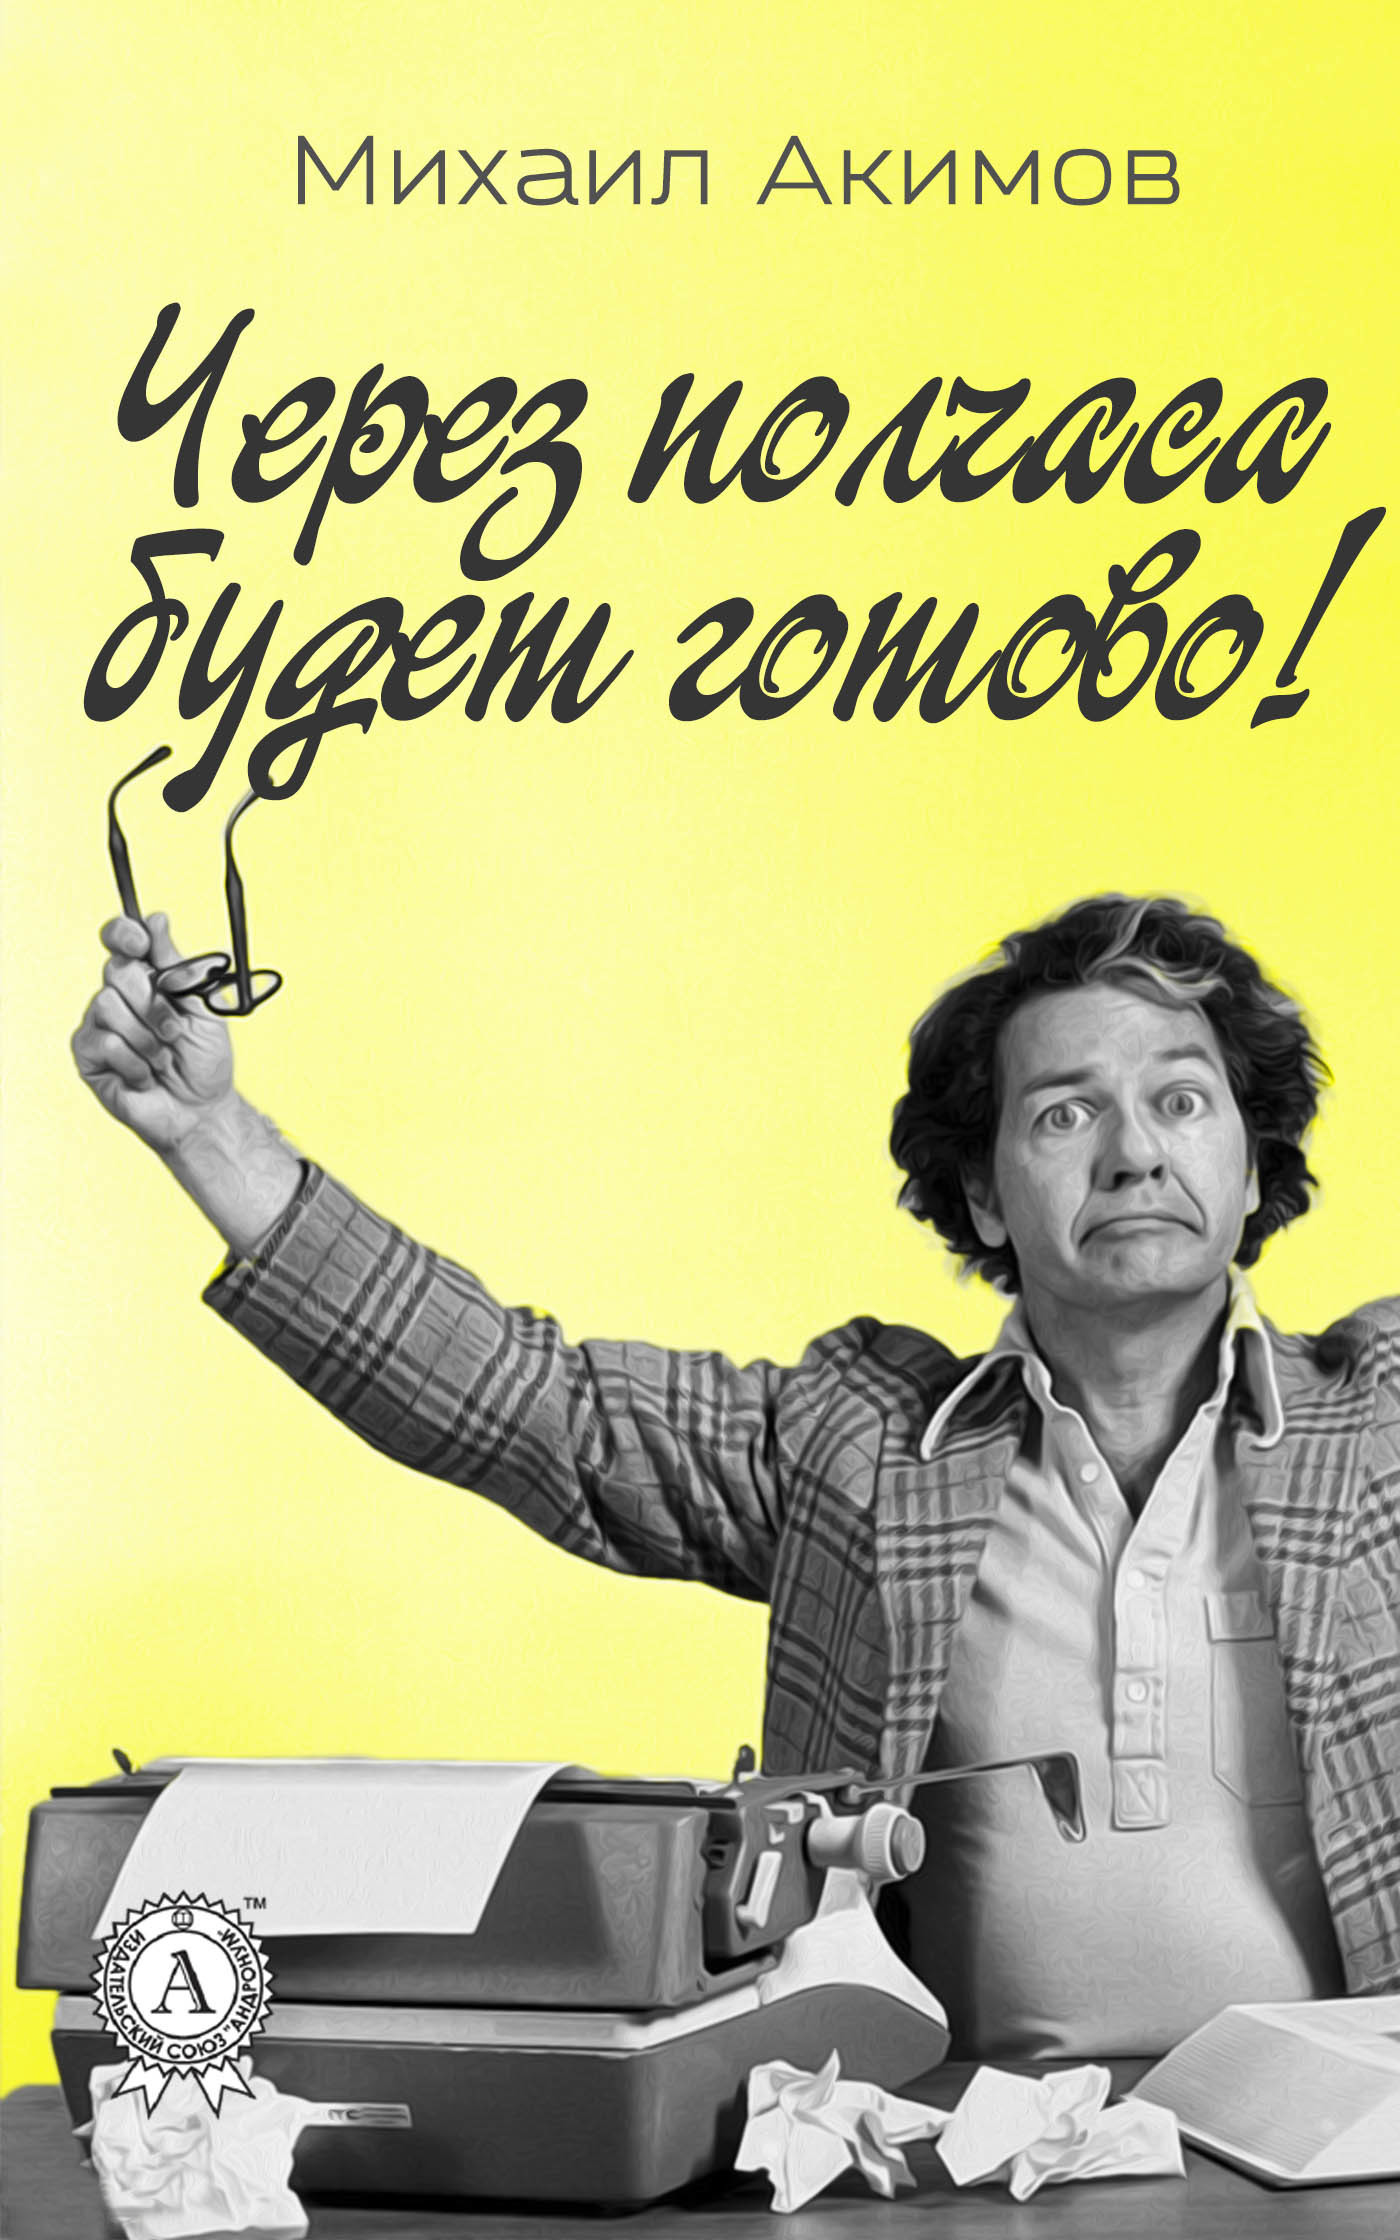 Михаил Акимов Через полчаса будет готово!